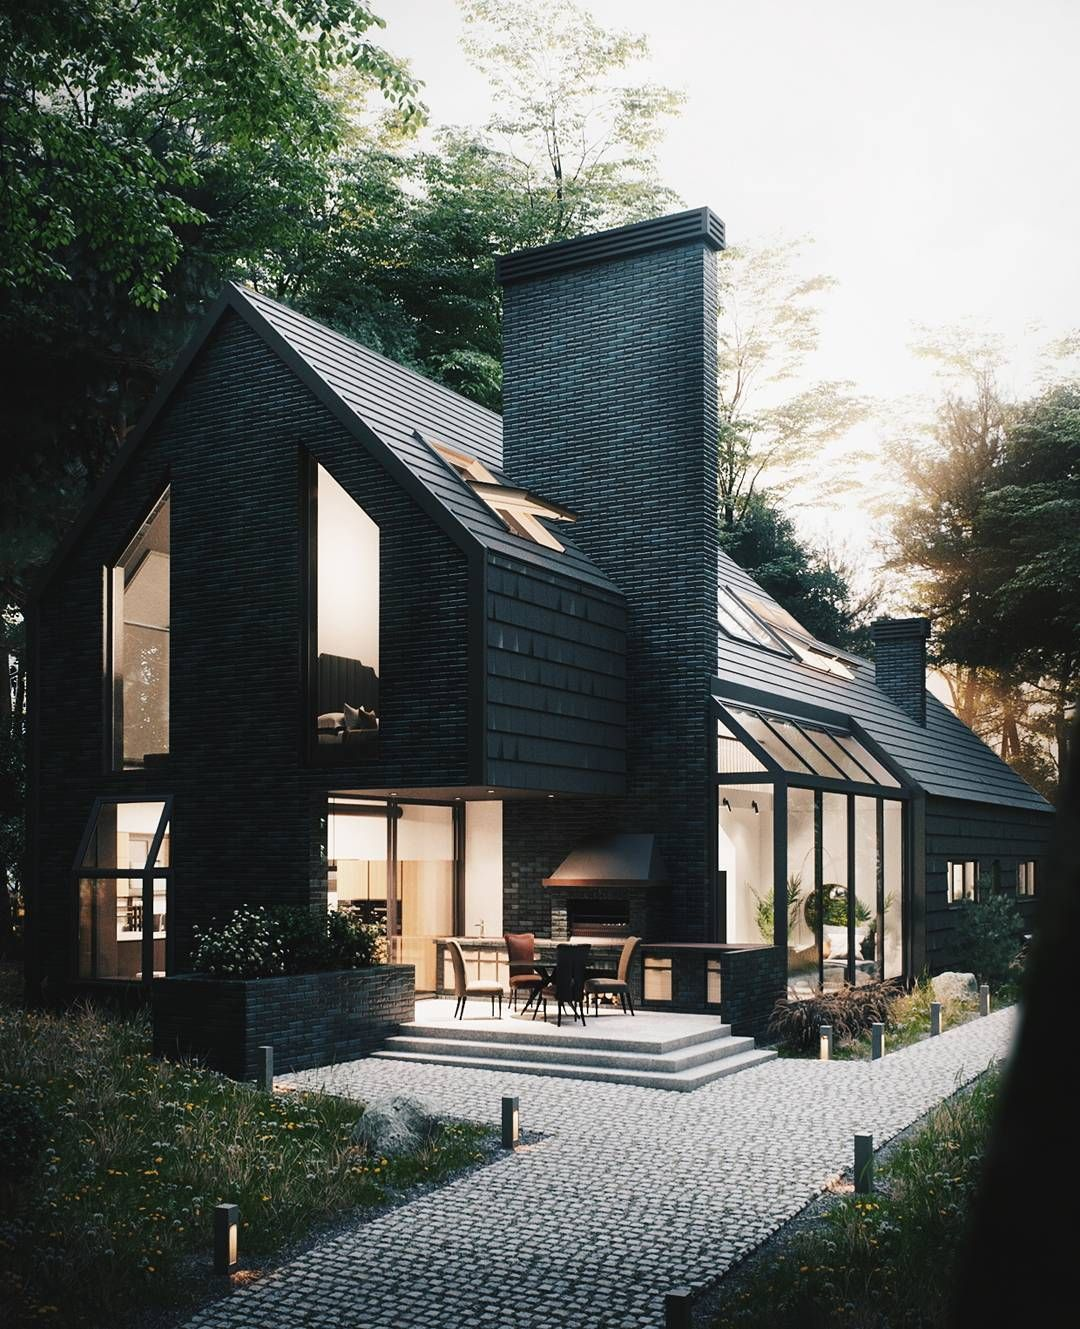 Sdesigns houses architettura casa case di vetro e for Stili di arredamento interni